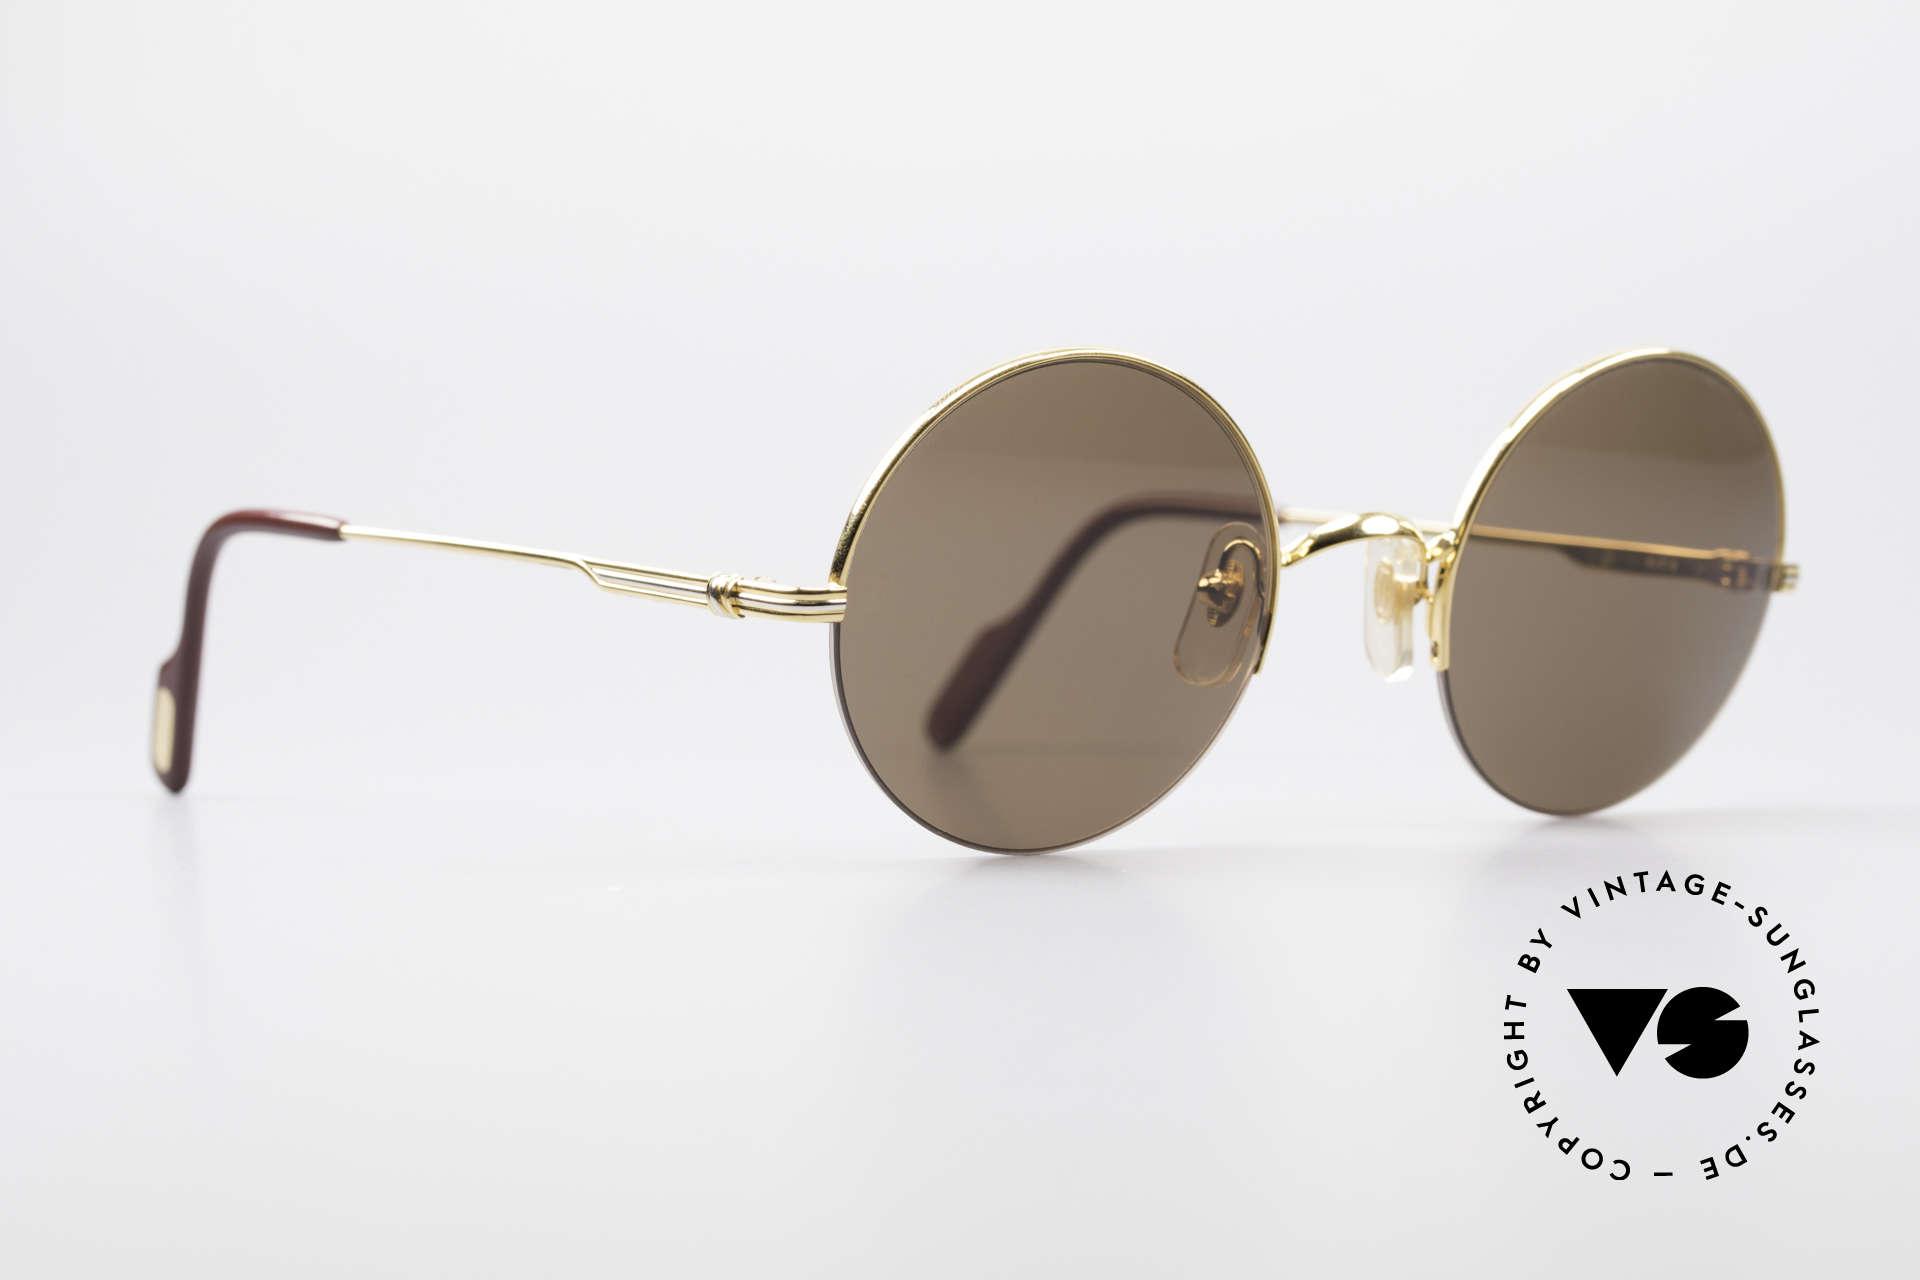 Cartier Mayfair - M Runde Luxus Sonnenbrille, teures Original in scheinbar zeitlosem Design, Passend für Herren und Damen